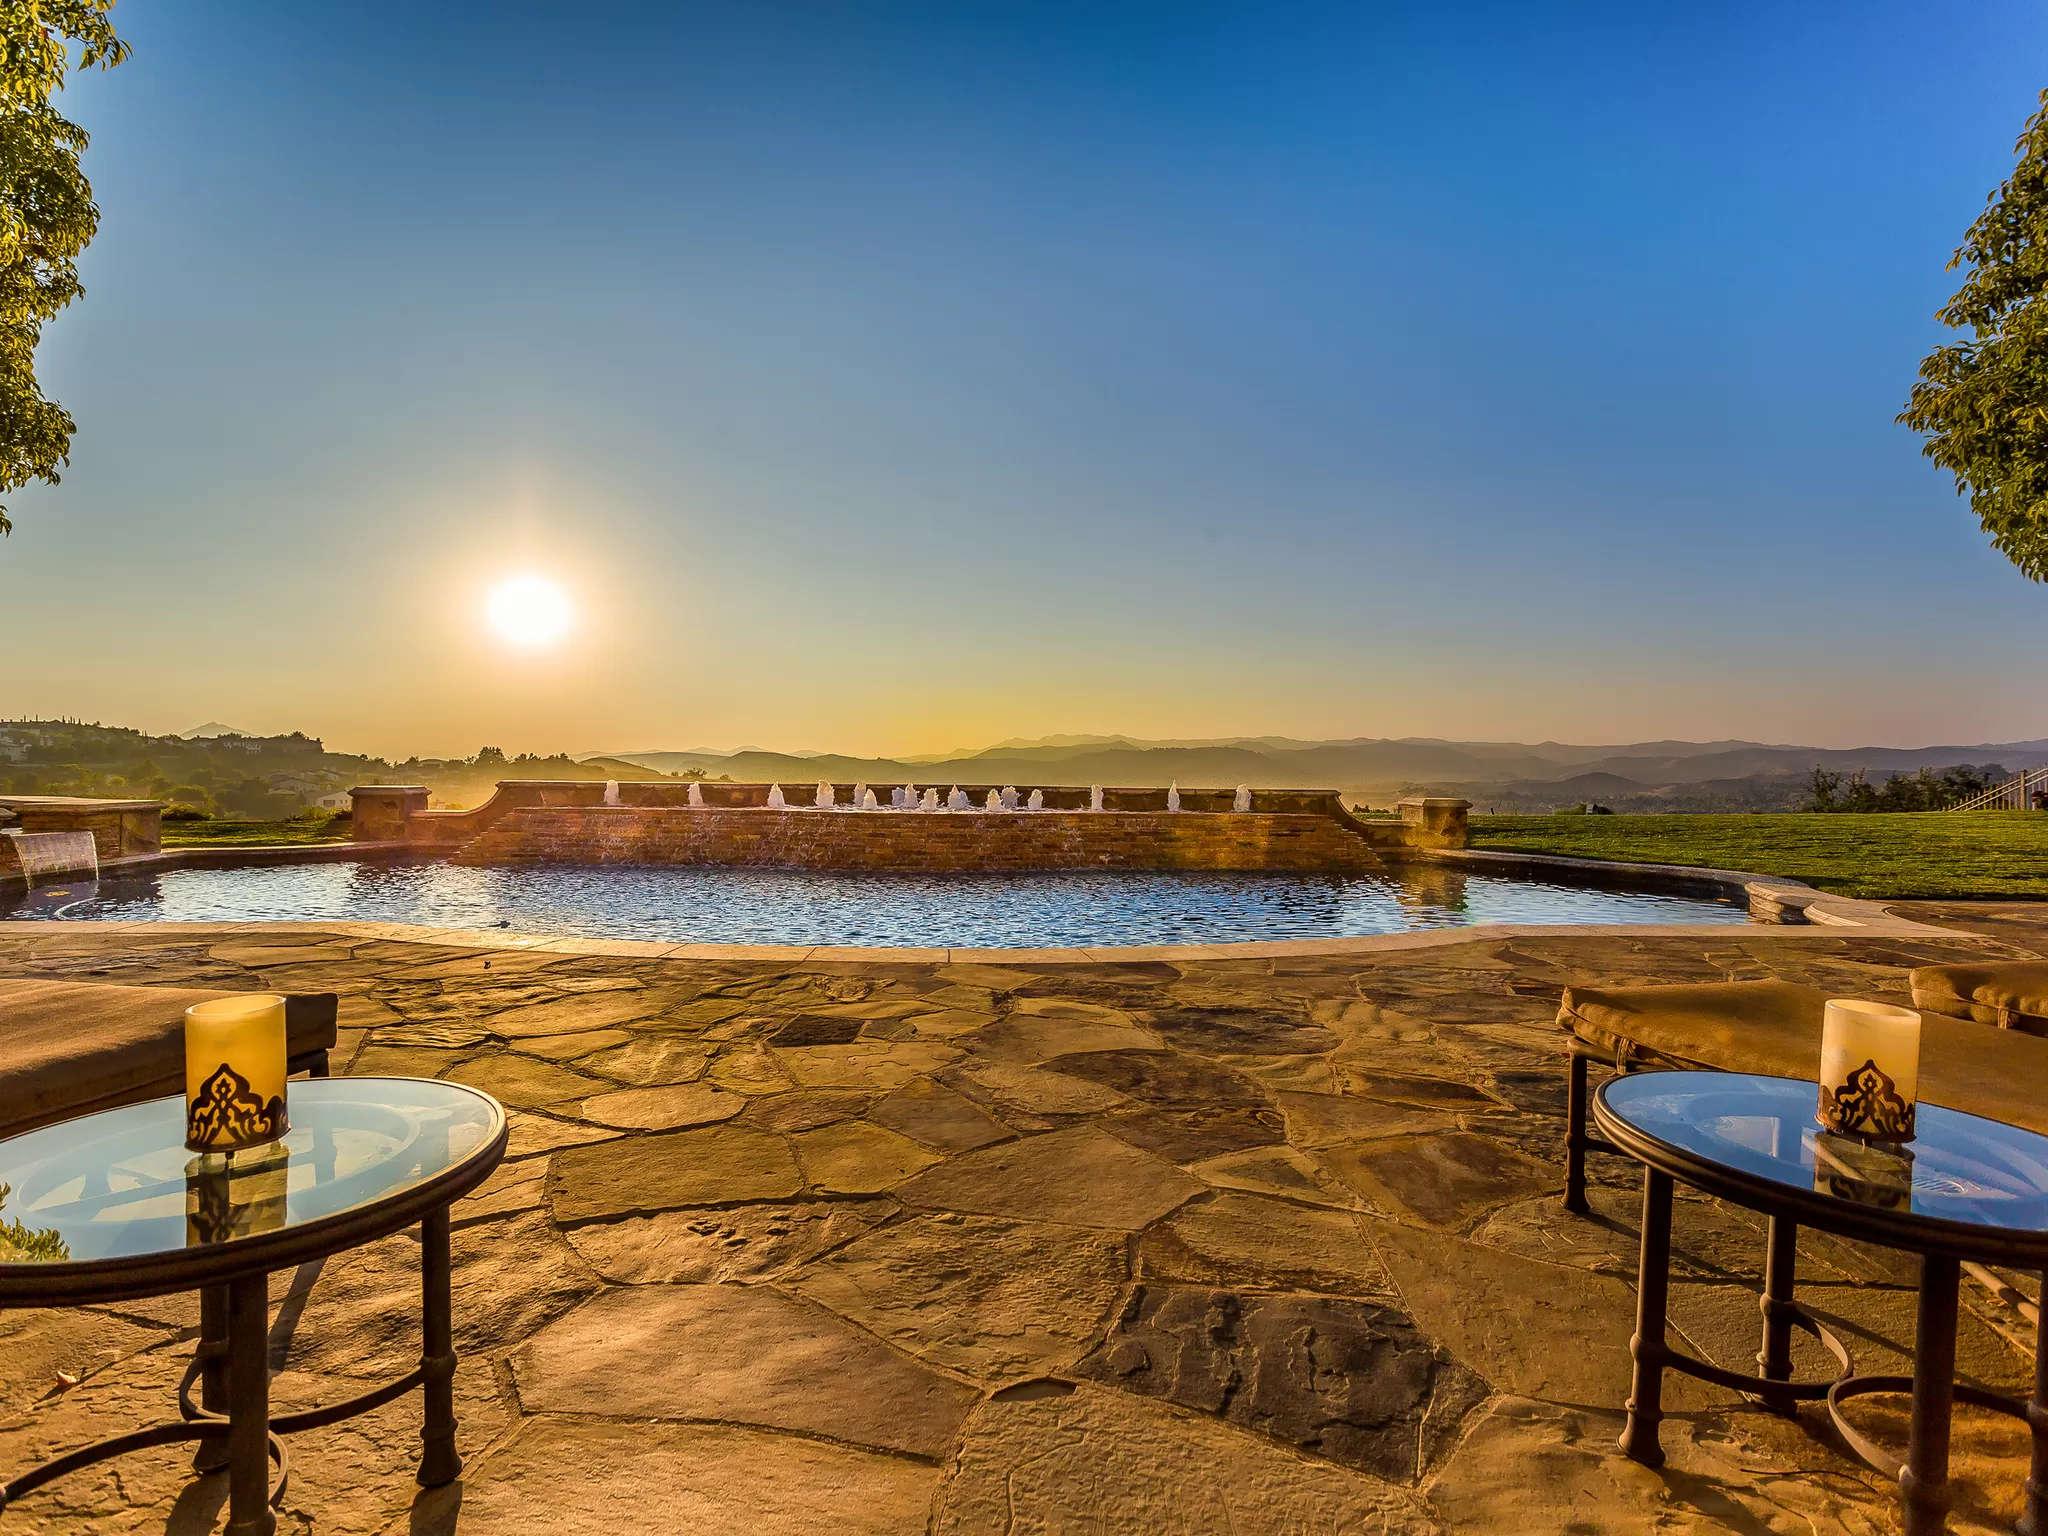 Patio Pool 4189 Prado De Los Pajaros Calabasas, CA 91302